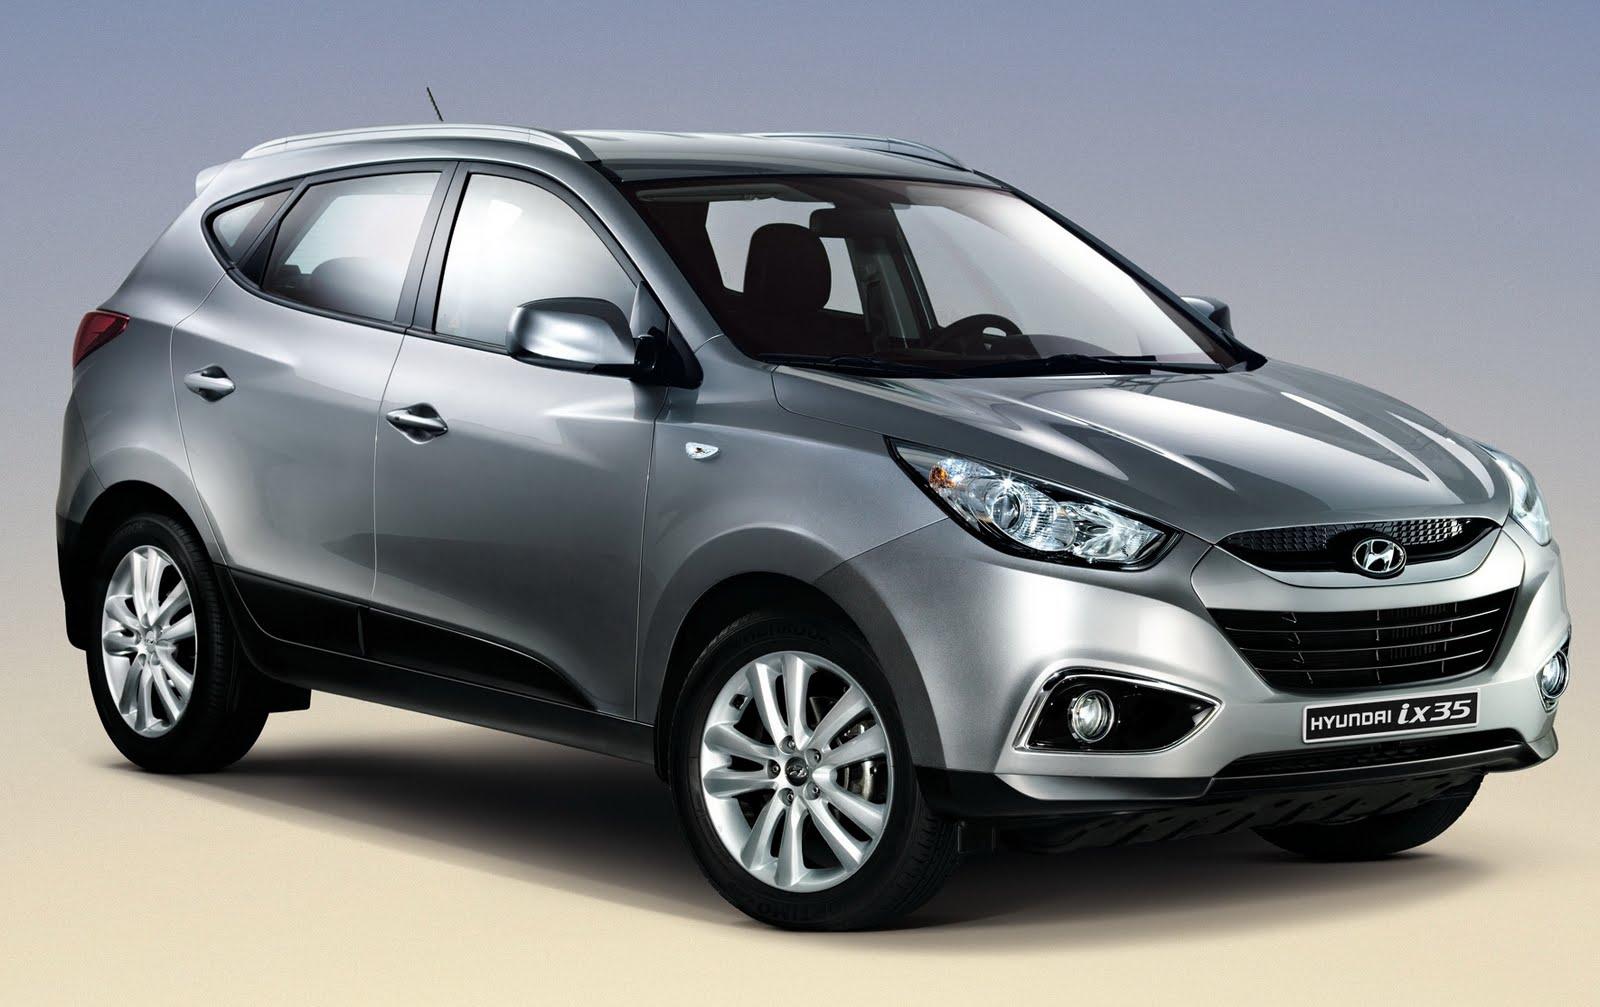 Consigli per l'acquisto di una Hyundai ix35 Km 0 News